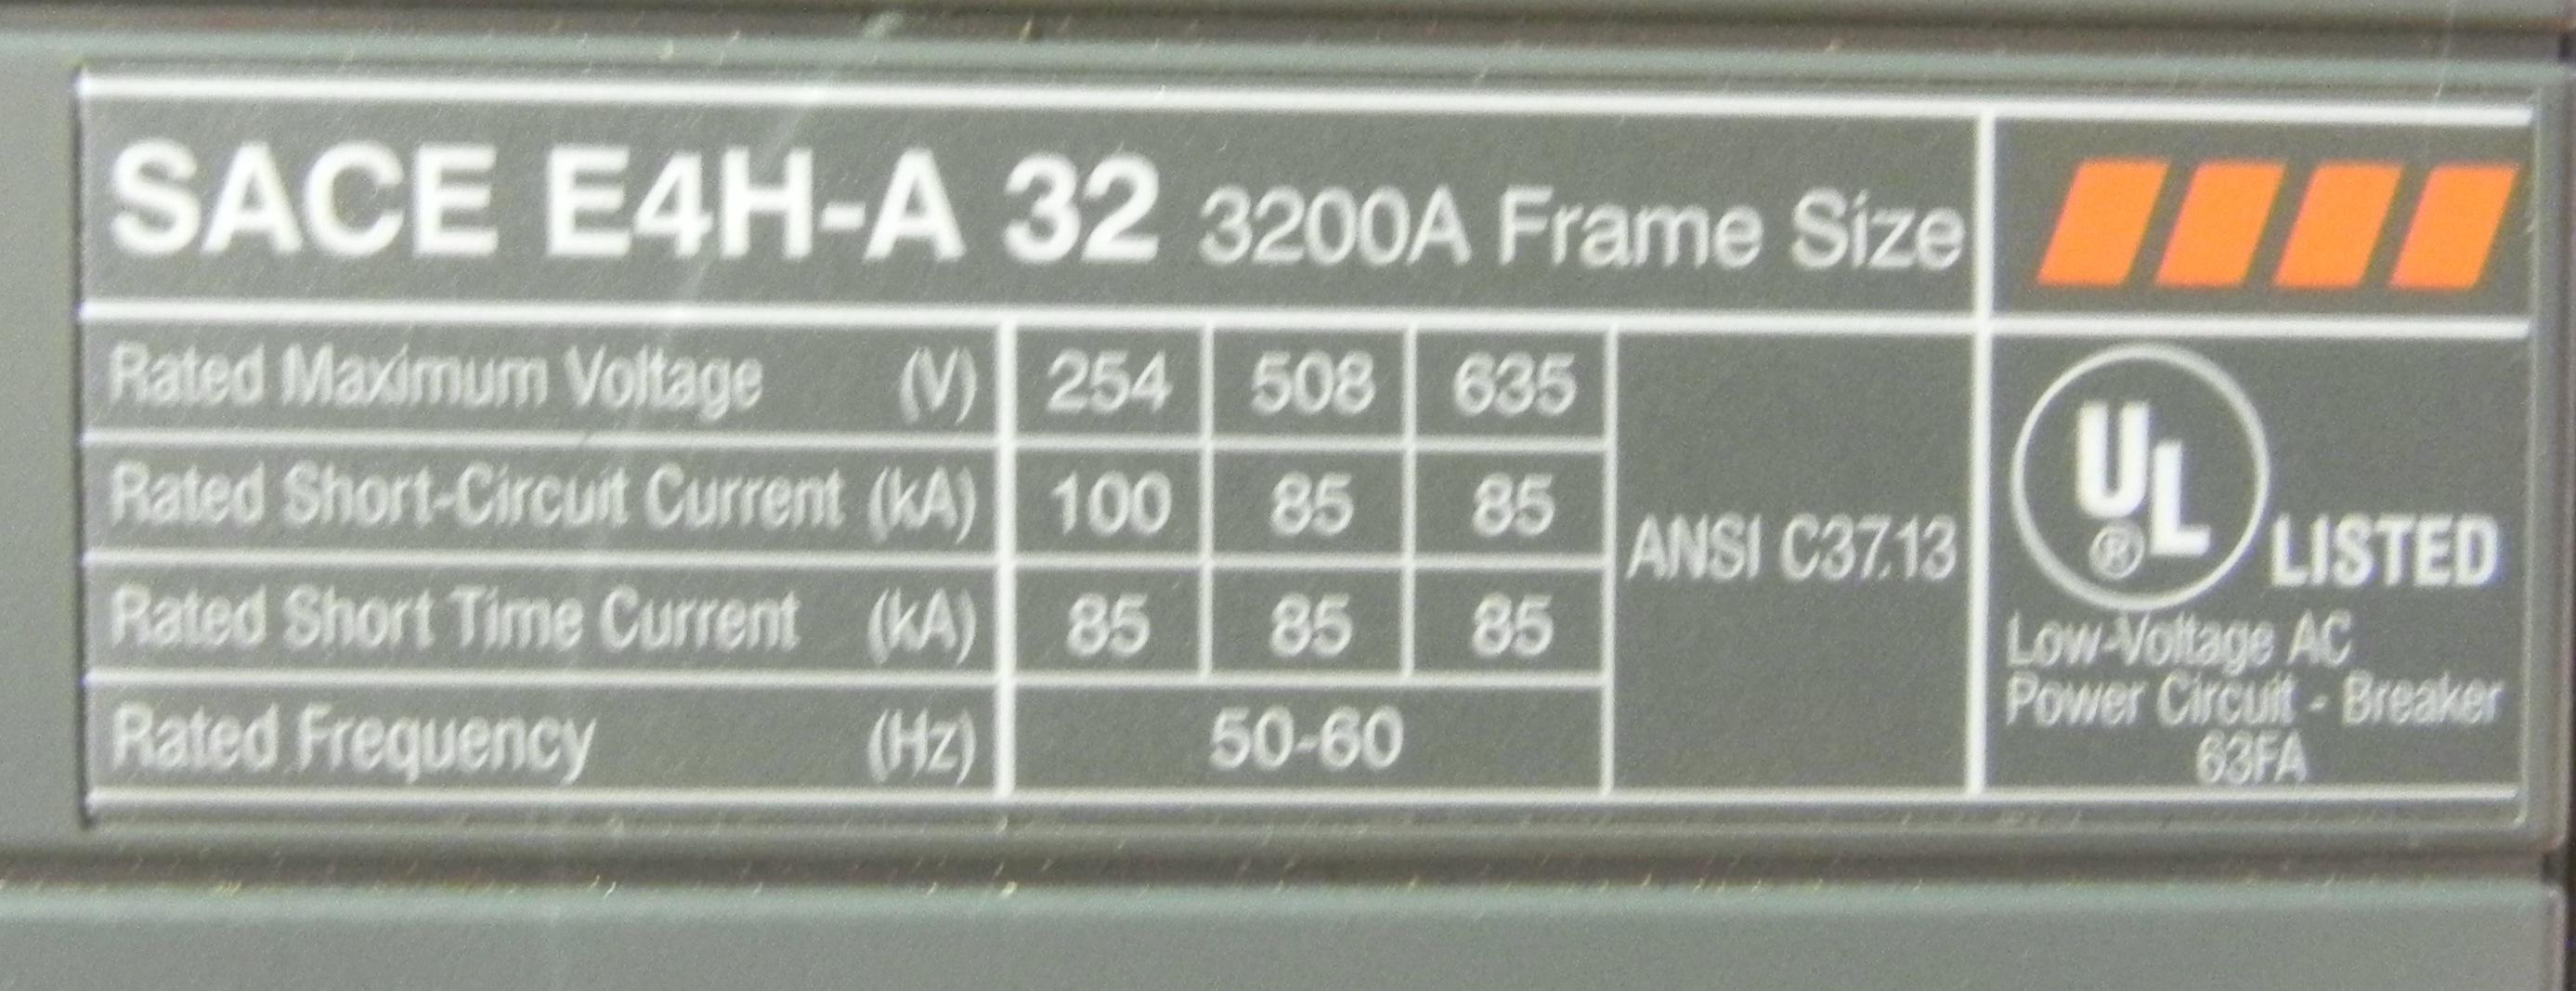 Abb power breaker sace e4h a32 3200a ebay for Sace contact